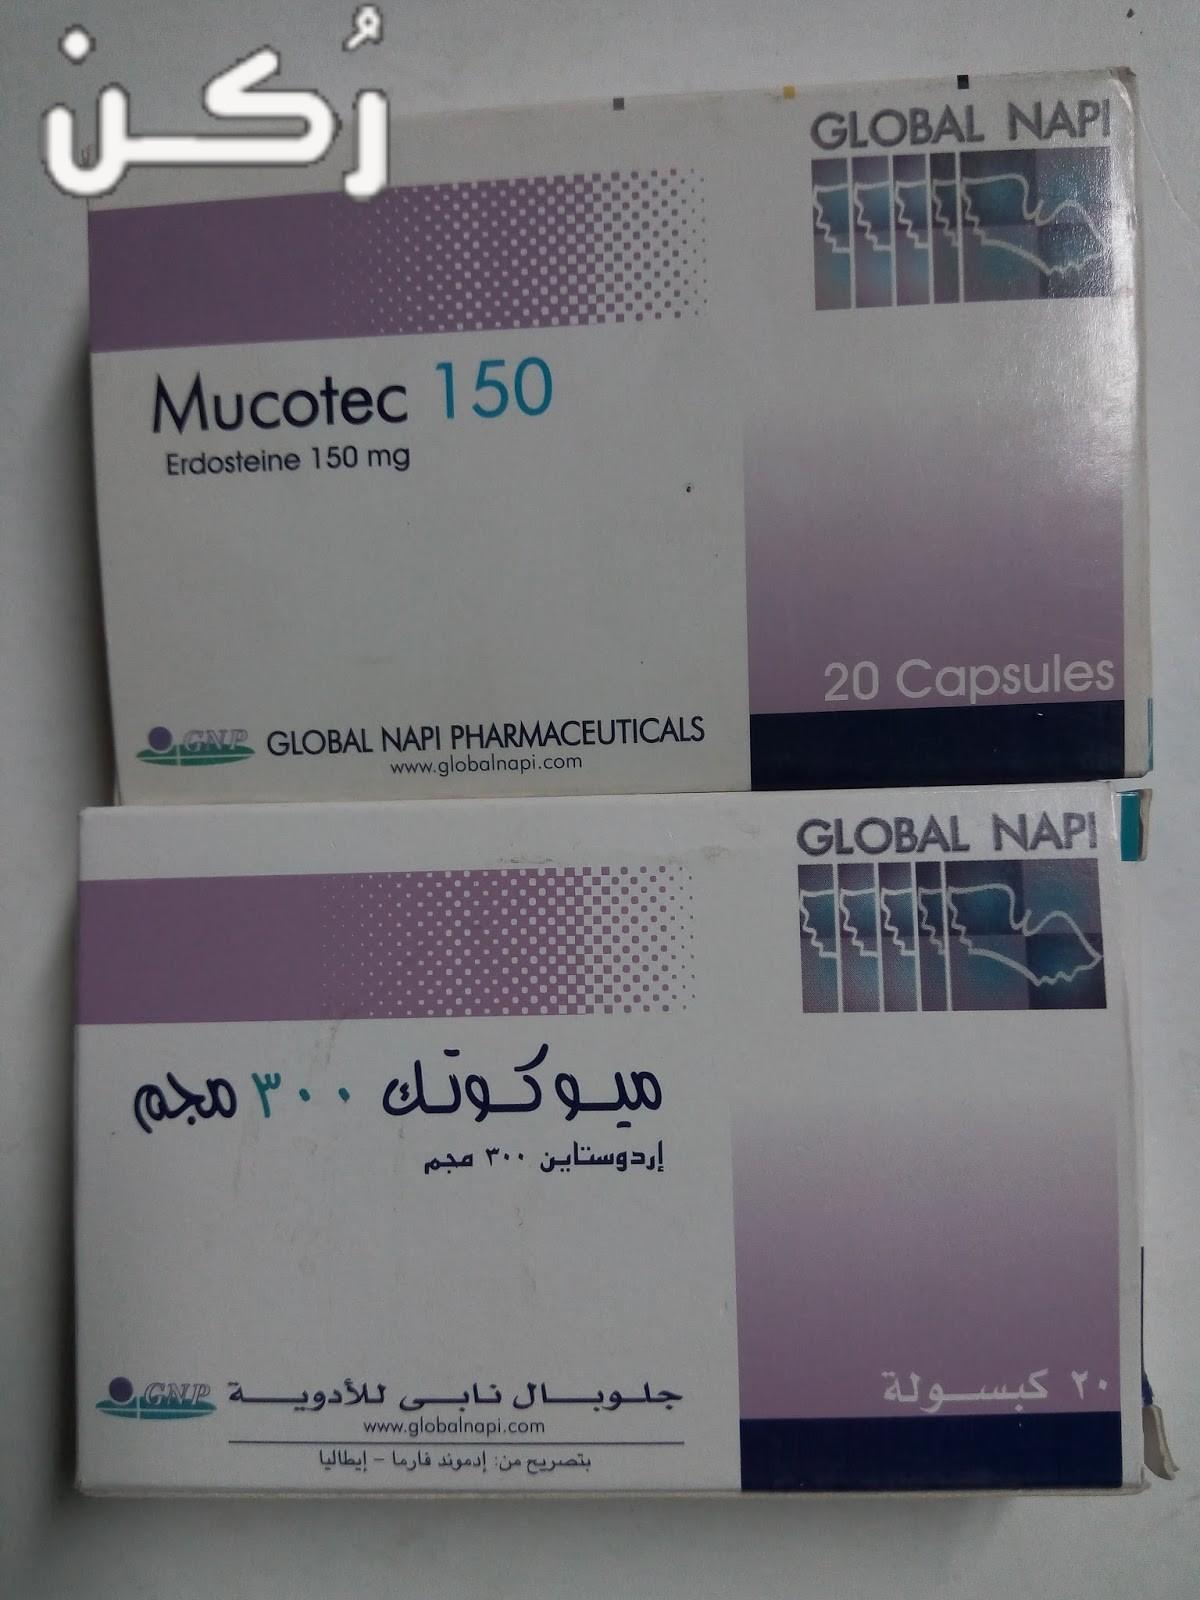 ميوكوتك اقراص Mucotec لعلاج السعال ومذيب للبلغم